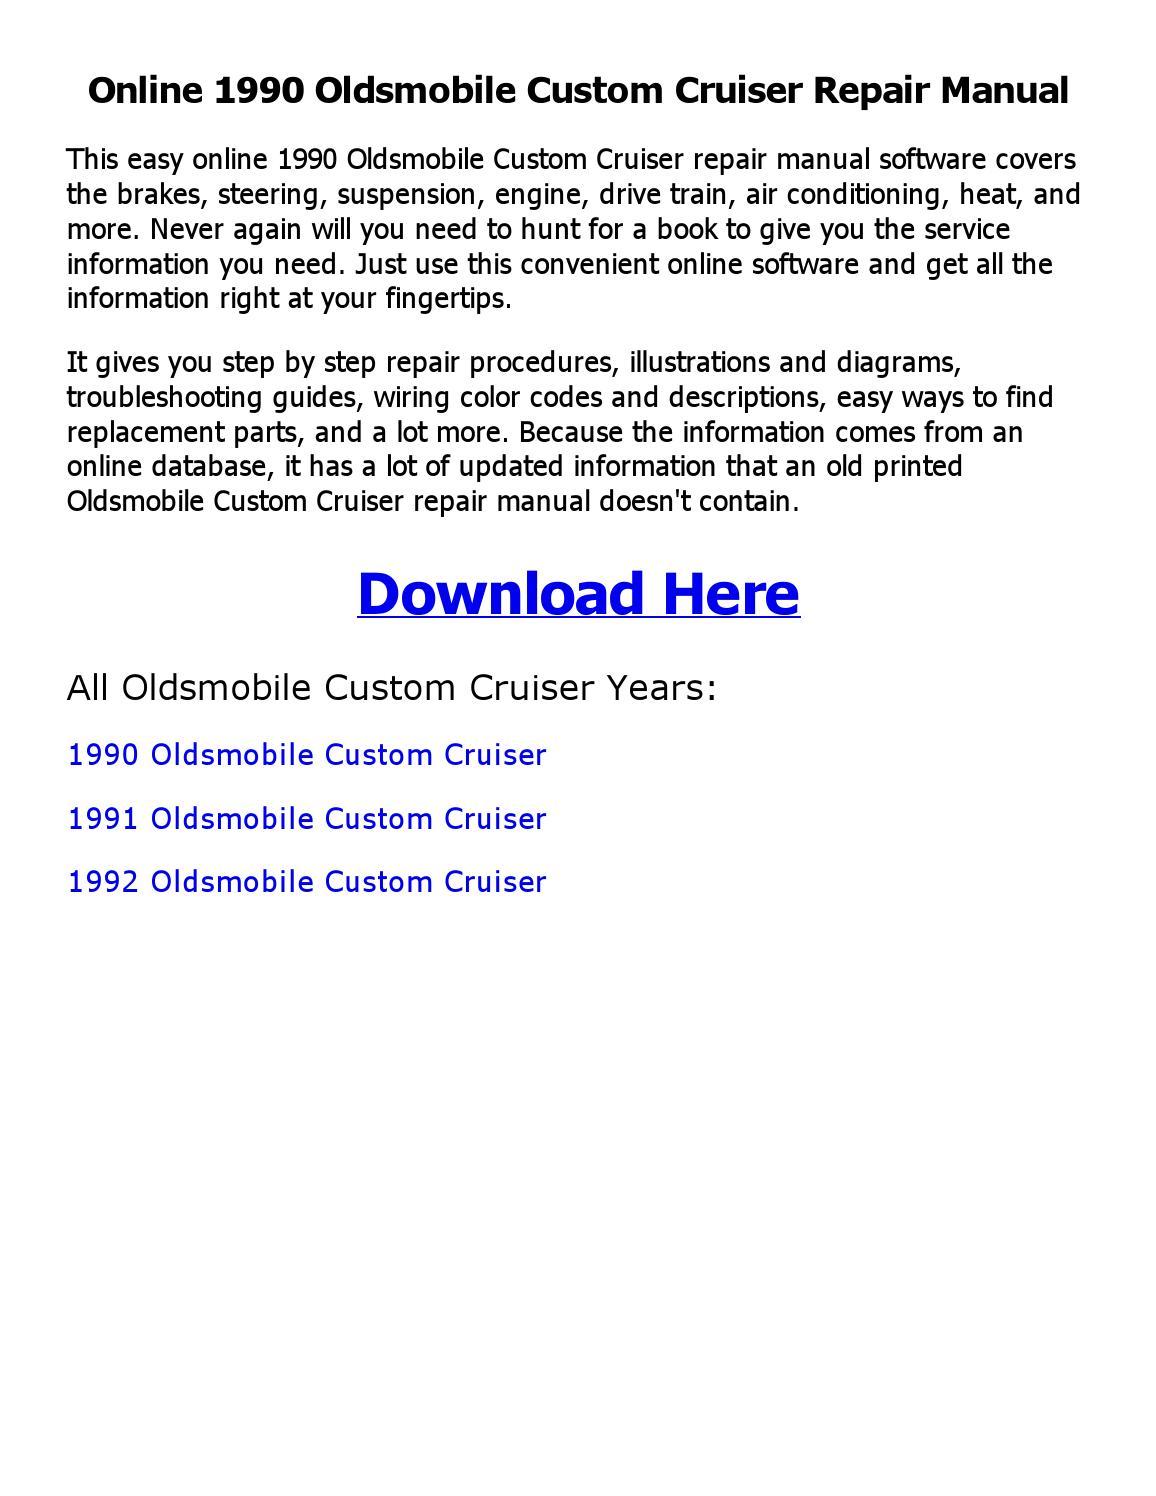 1990 oldsmobile custom cruiser repair manual online copy by sayma - issuu